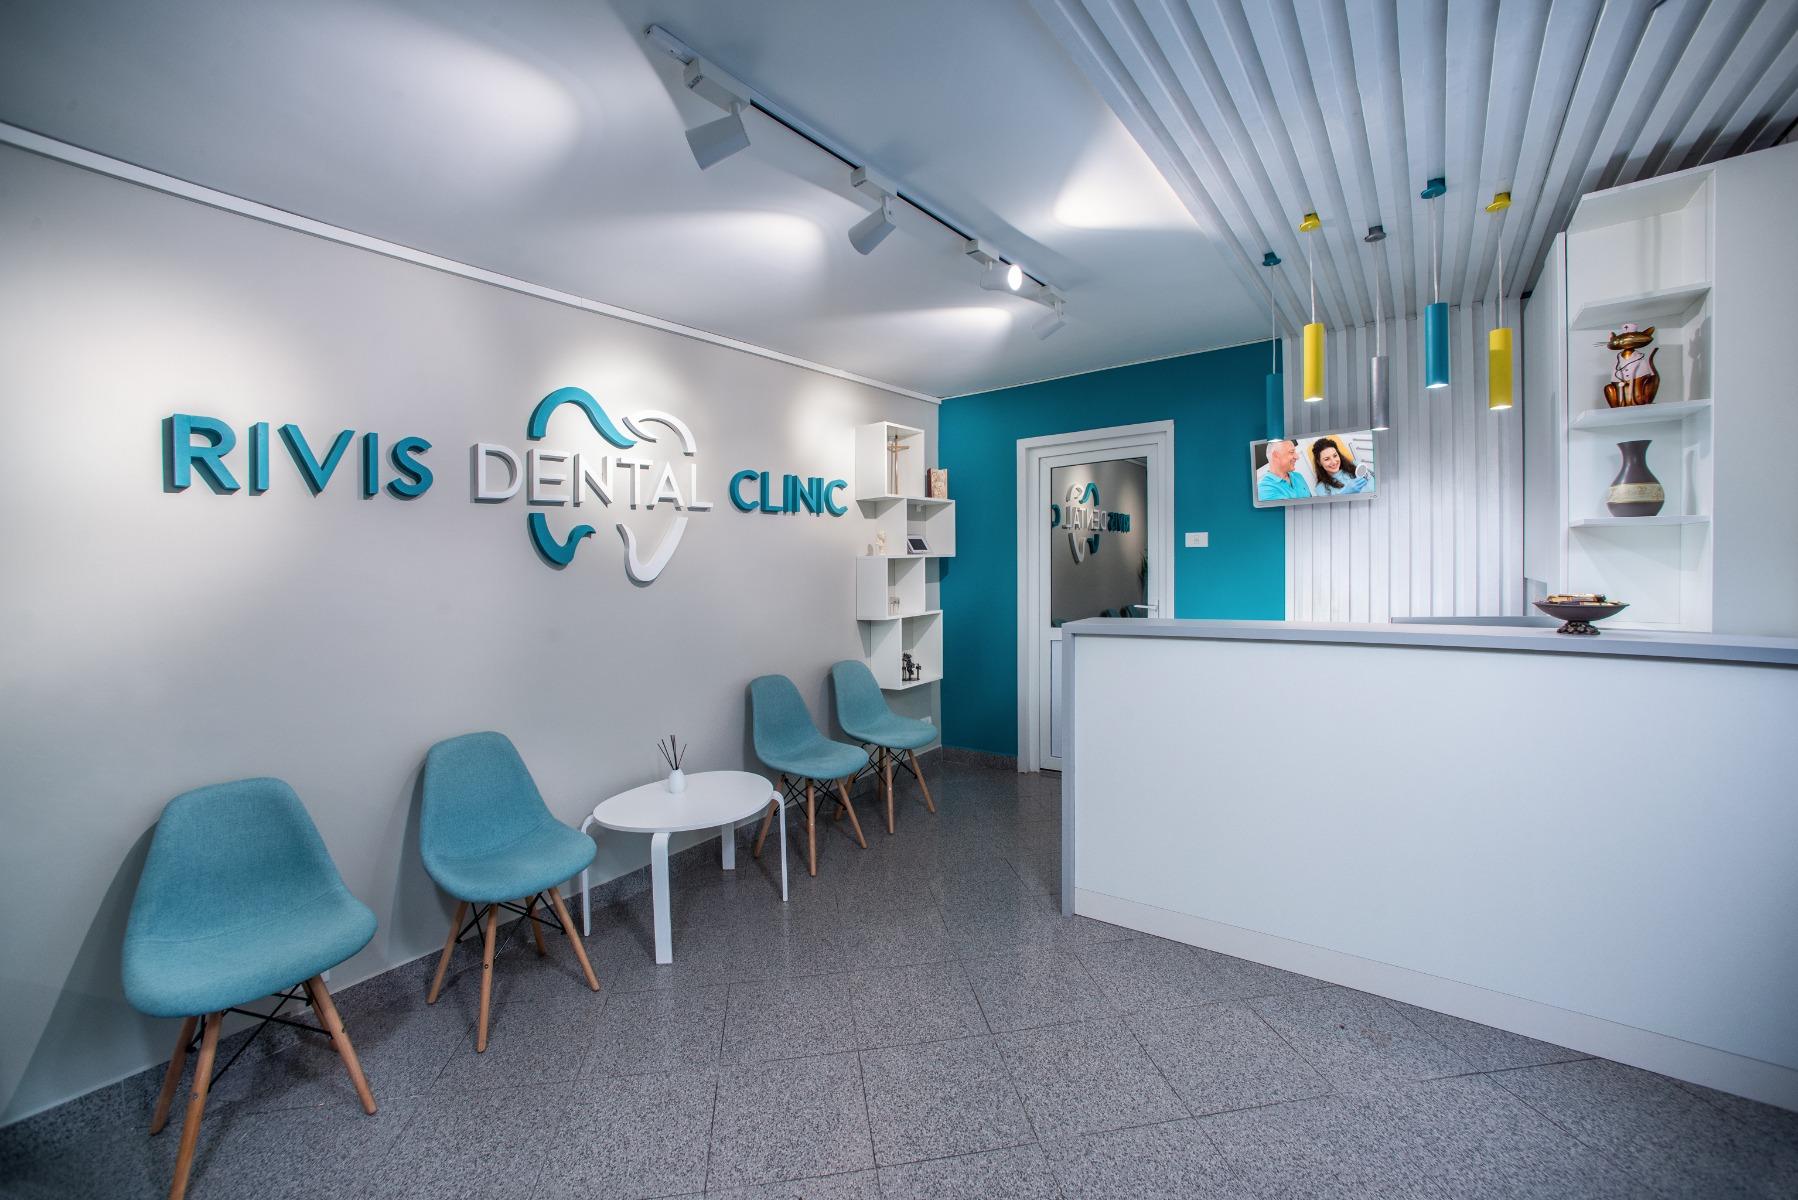 revis dental clinic